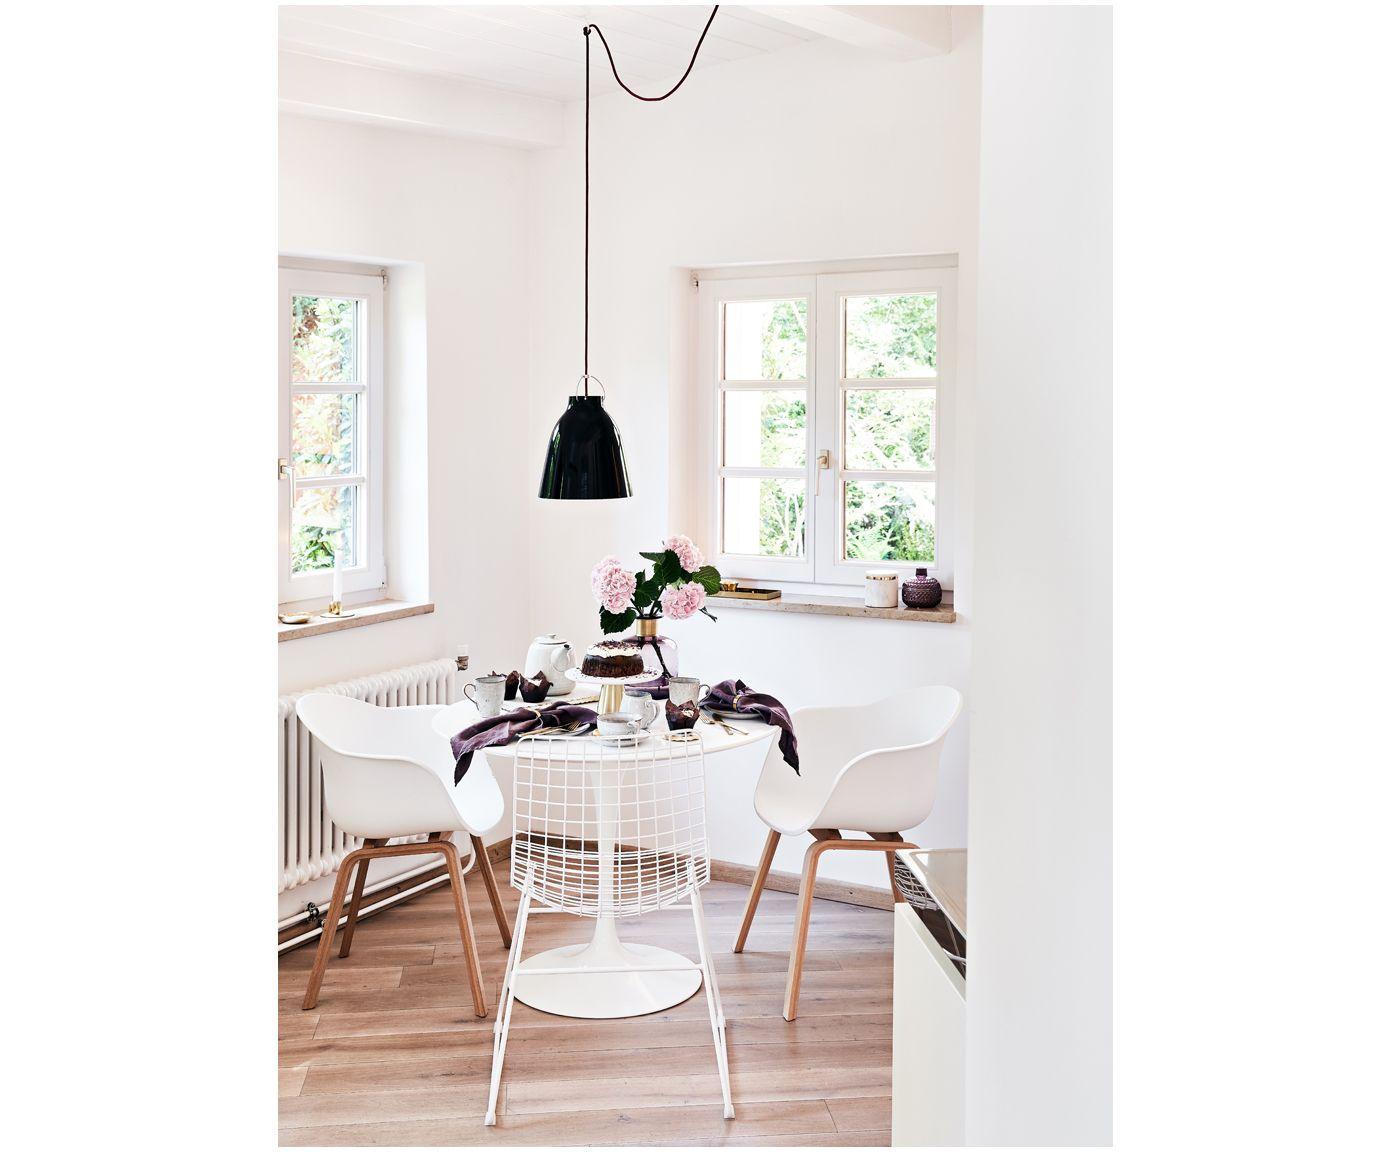 Elegant AFFILIATELINK   Armlehnstuhl Claire, Skandinavisches Design,  Minimalistische Einrichtung, Deko, Schlichte Uhr,